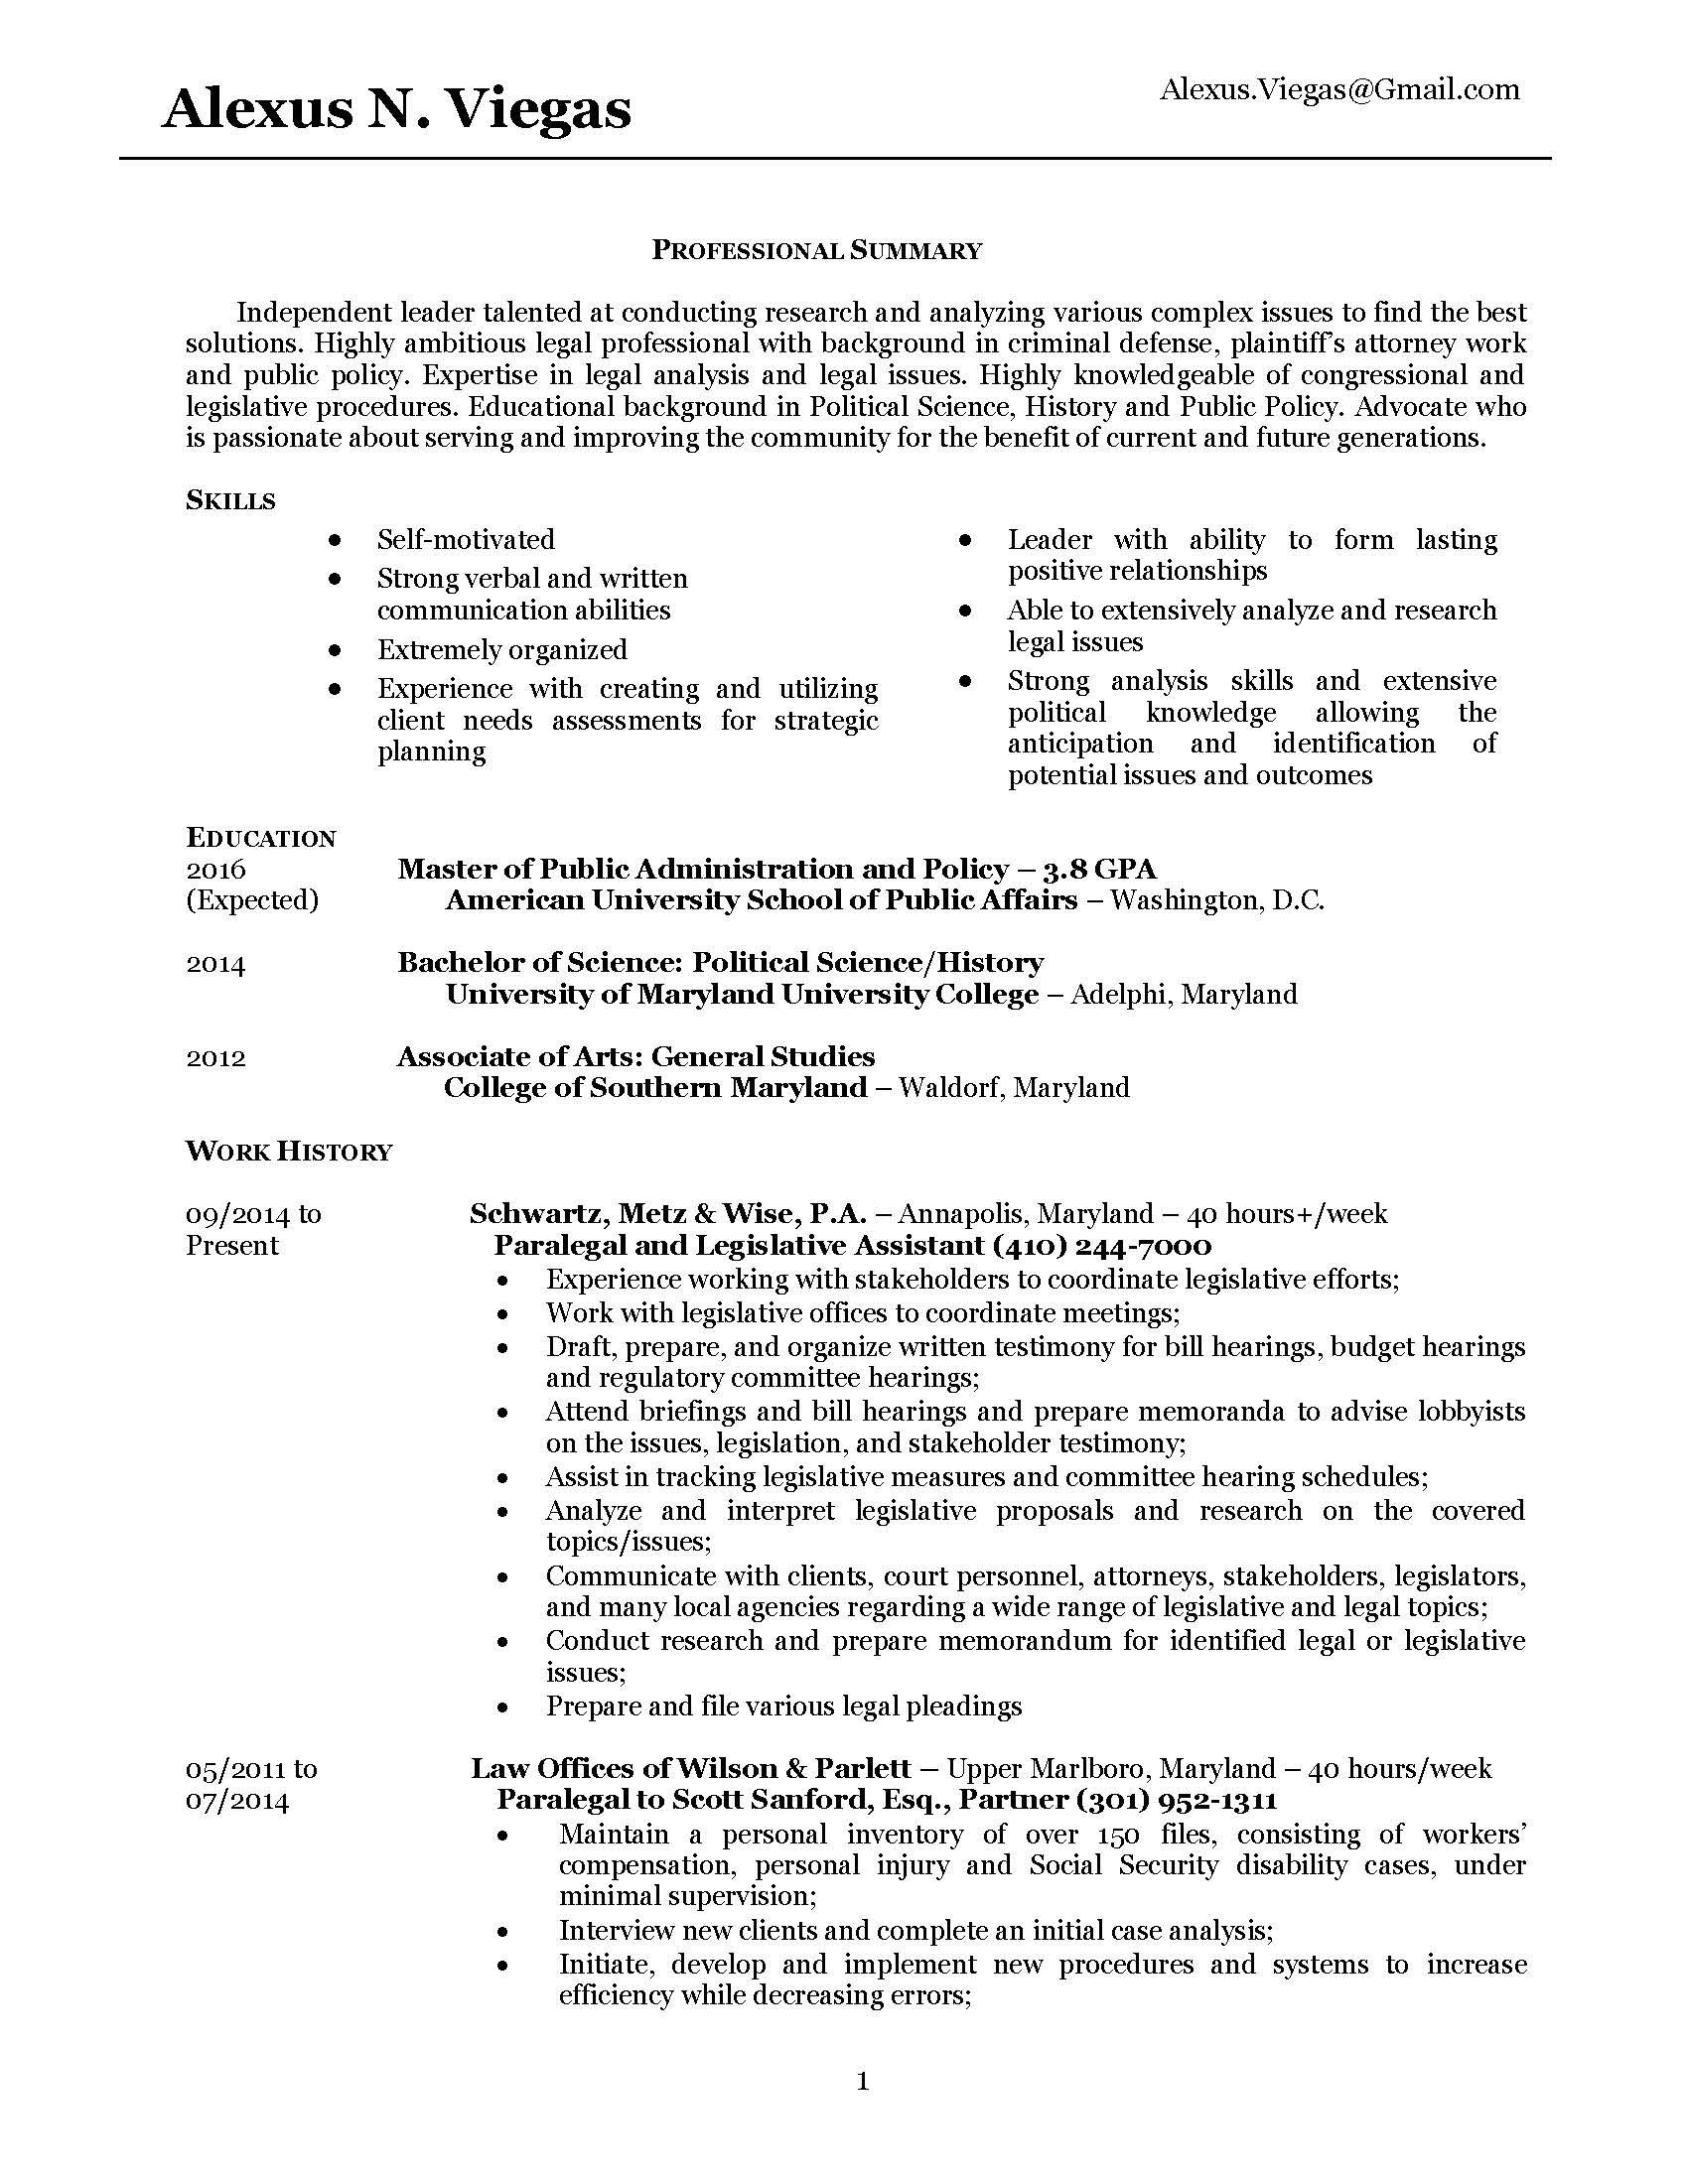 Viegas_Resume_Page_1.jpg